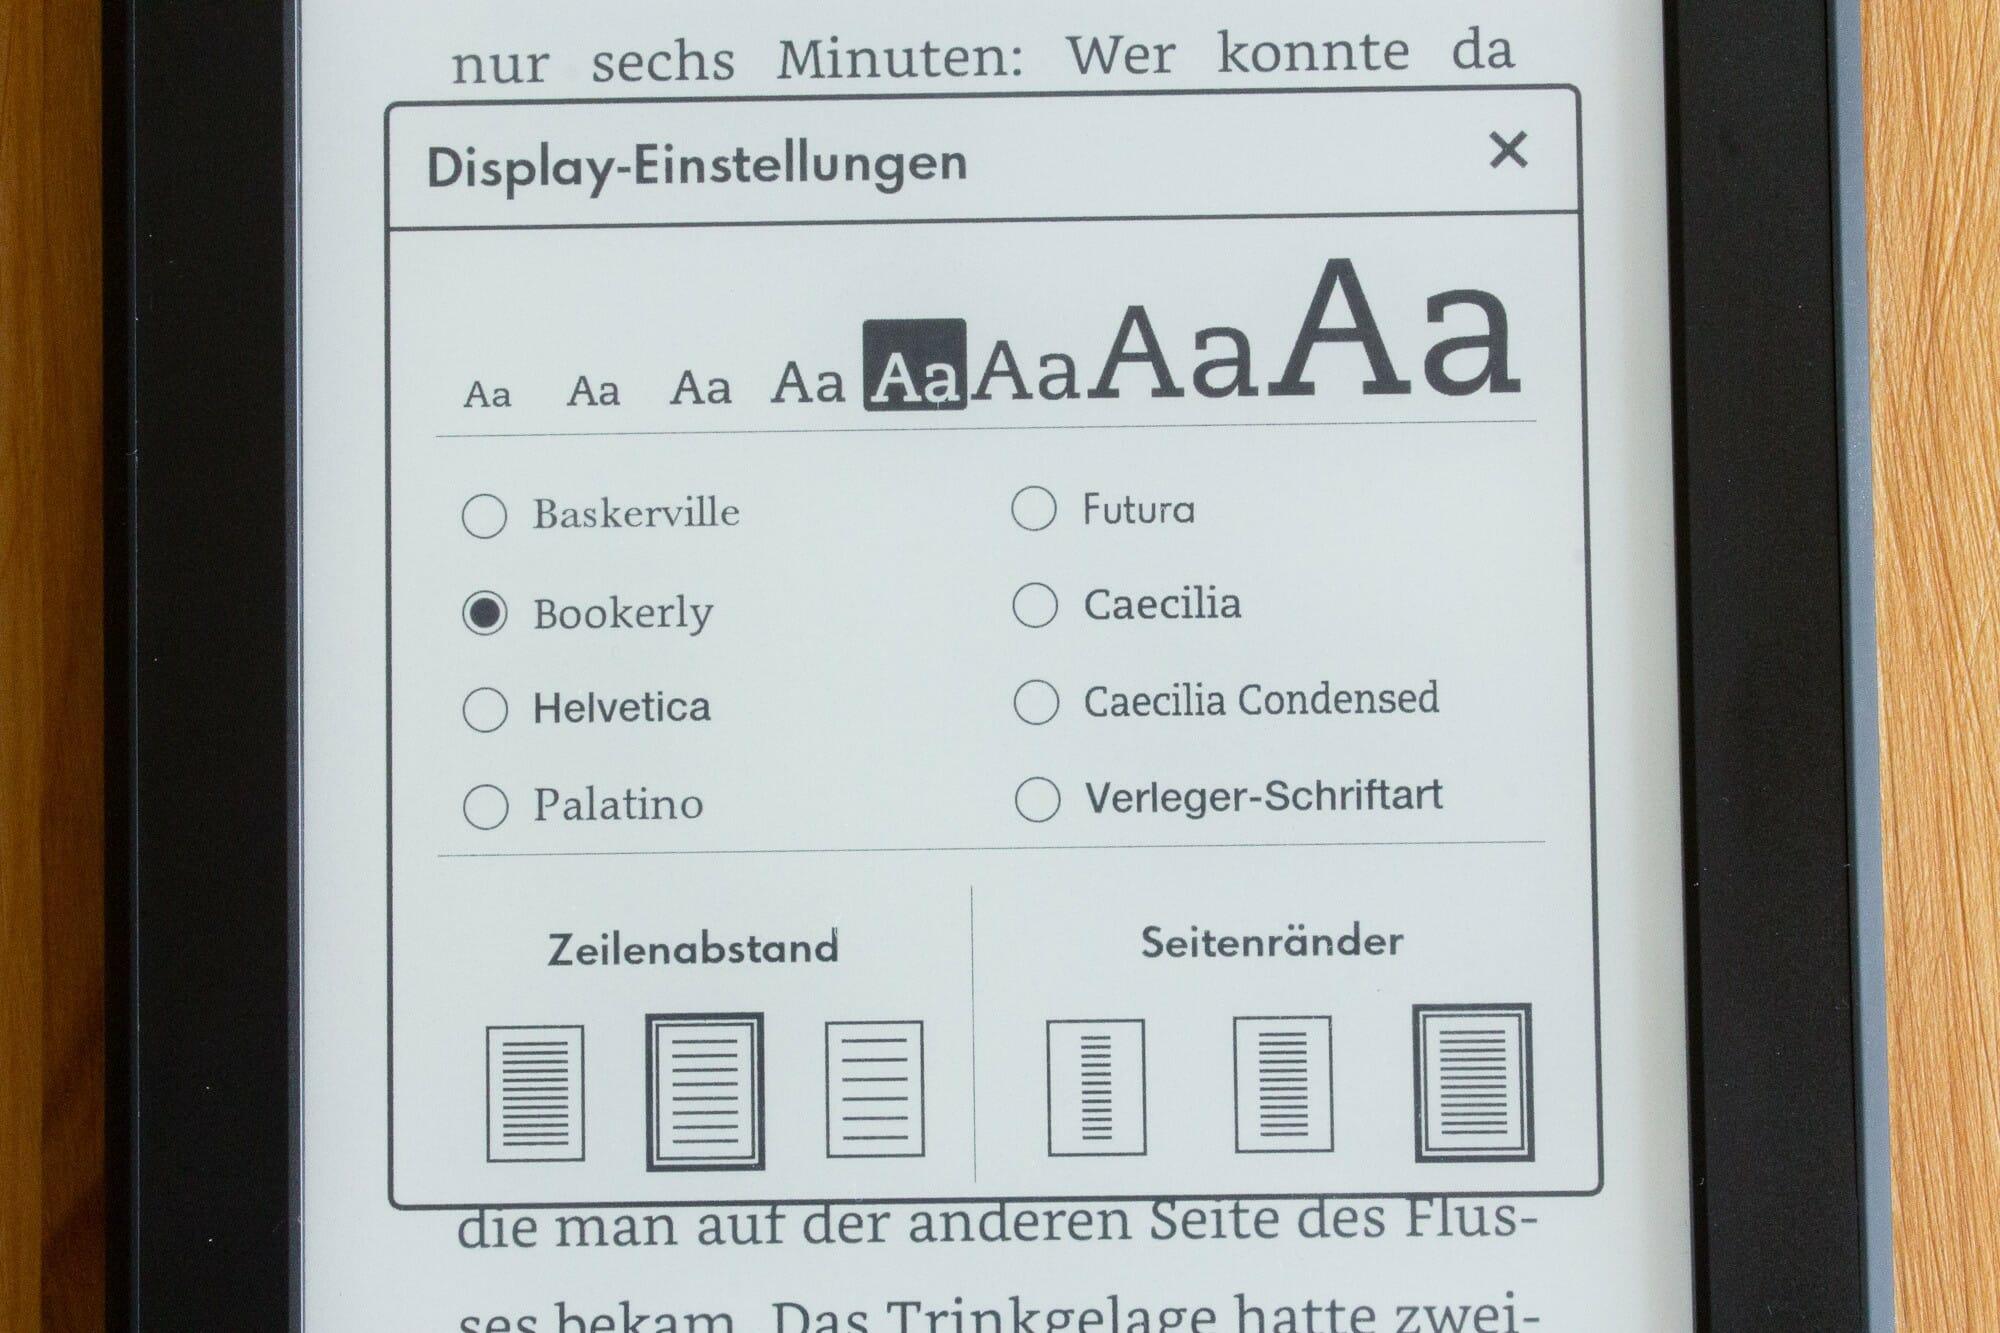 Neben Schriftgrößte und Schriftart können auch auf dem Kindle Paperwhite 2015 weiterhin nur Zeilenabstand und die Größe der Seitenränder eingestellt werden. [Klick zum Vergrößern]